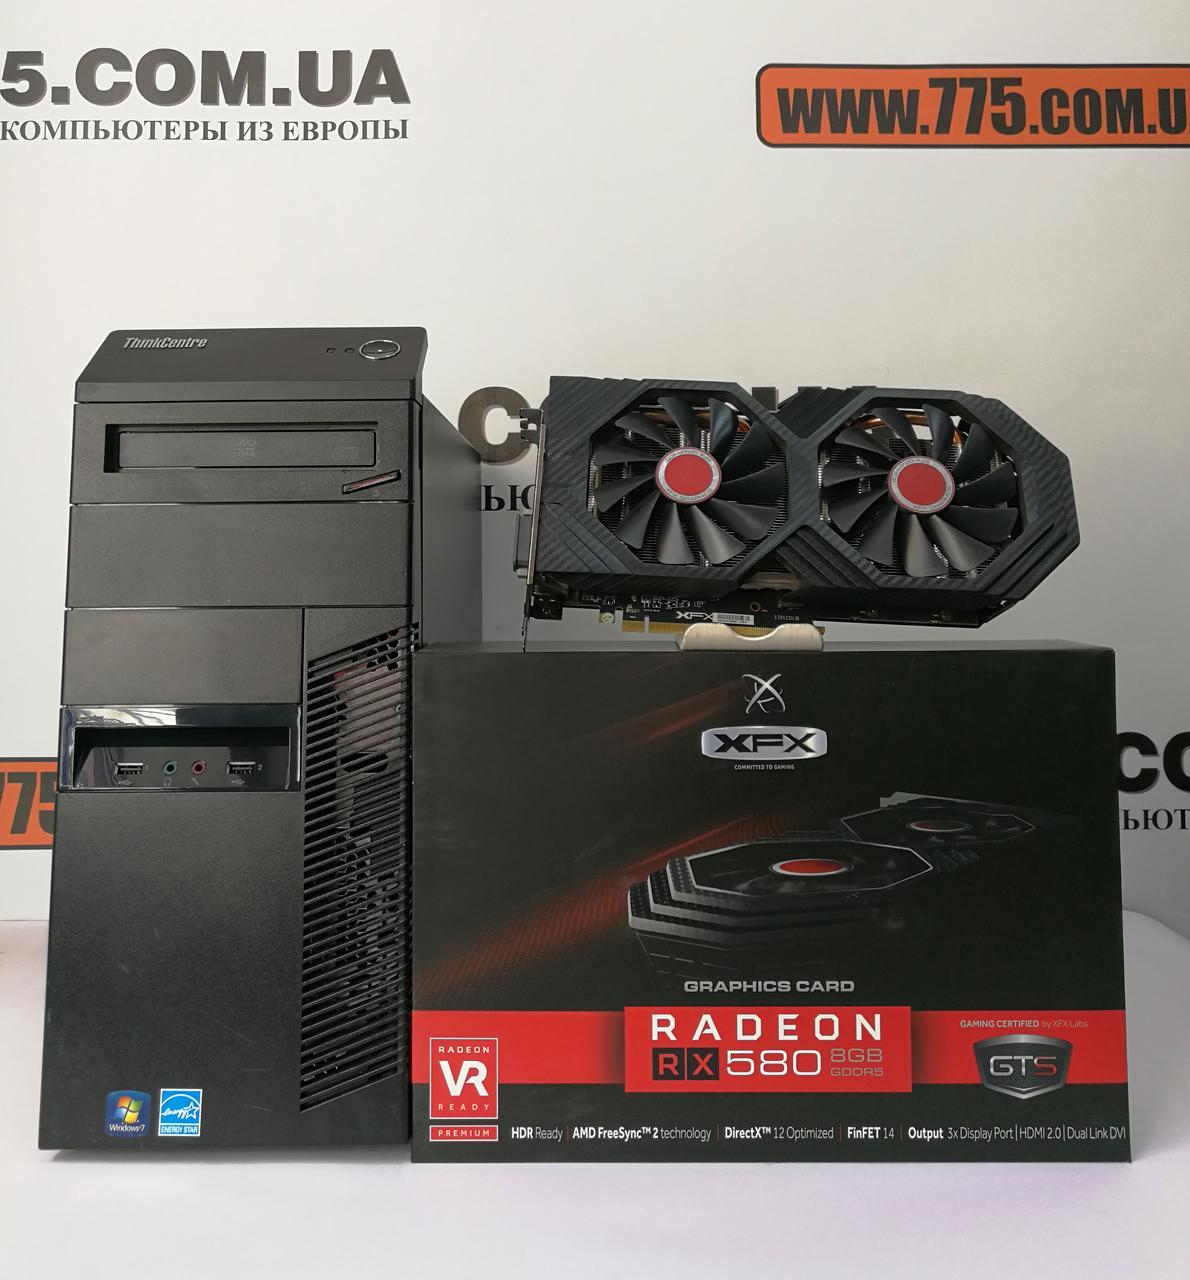 Игровой компьютер, Intel Core i7-3770 3.9GHz, RAM 8ГБ, SSD 120ГБ + HDD 500ГБ, RX 580 8ГБ, гарантия 6 мес!